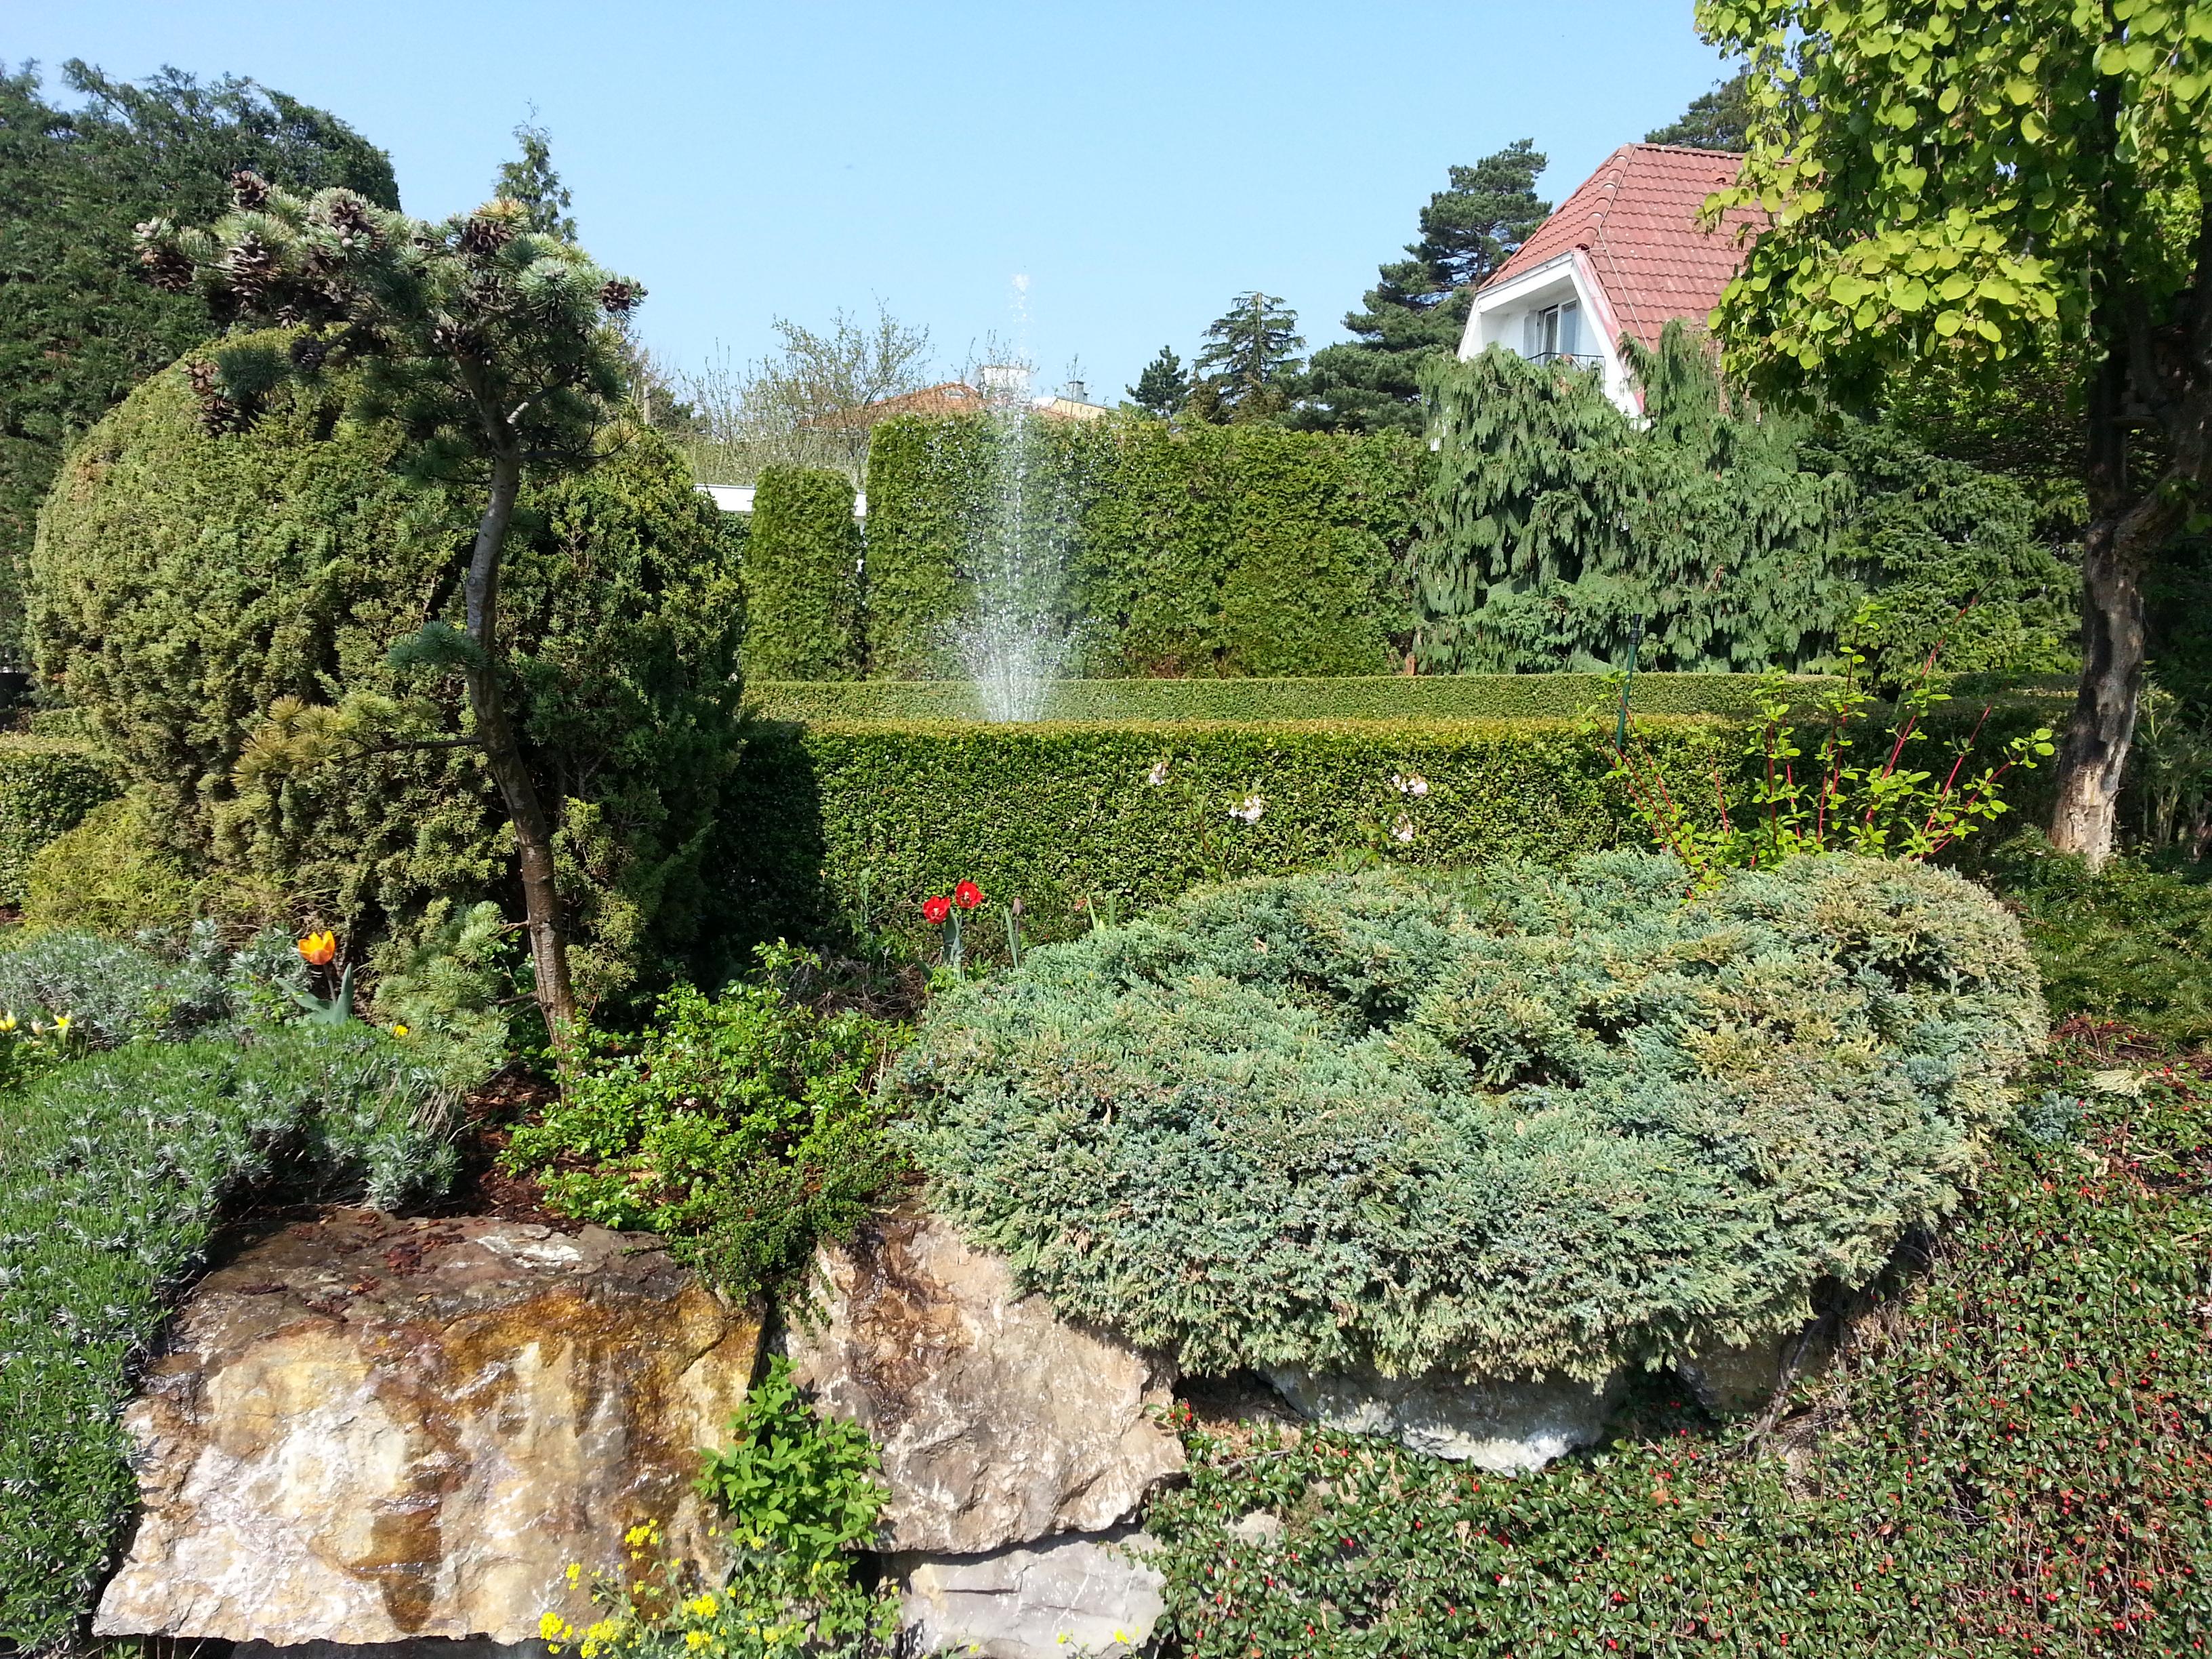 Ing. Gerold Reischl Gartengestaltung GmbH